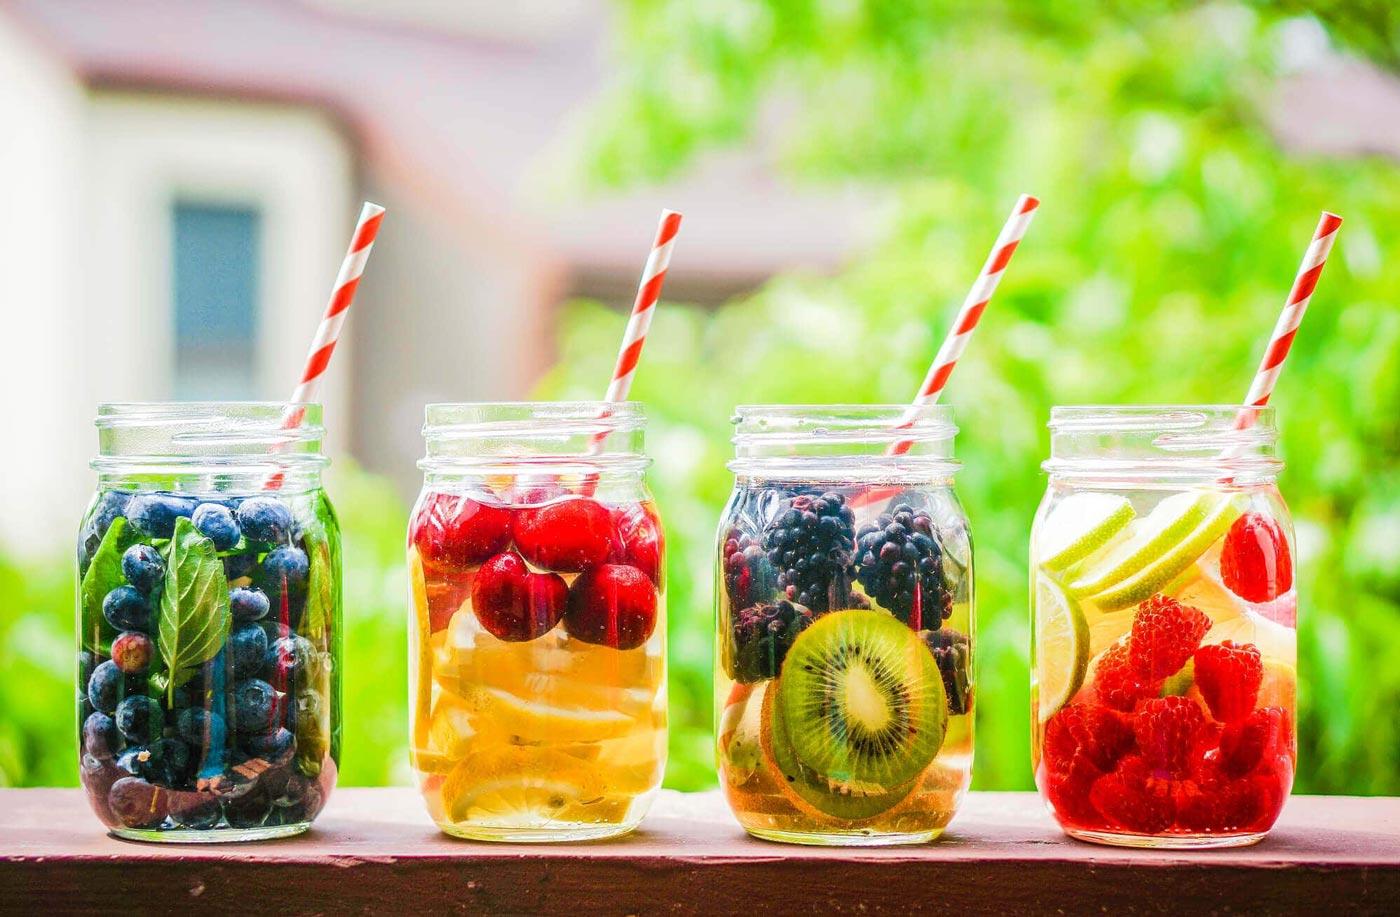 طرز تهیه دتاکس واتر یا آب طعم دار به اضافه چند ترکیب پیشنهادی خوش طعم و دلچسب